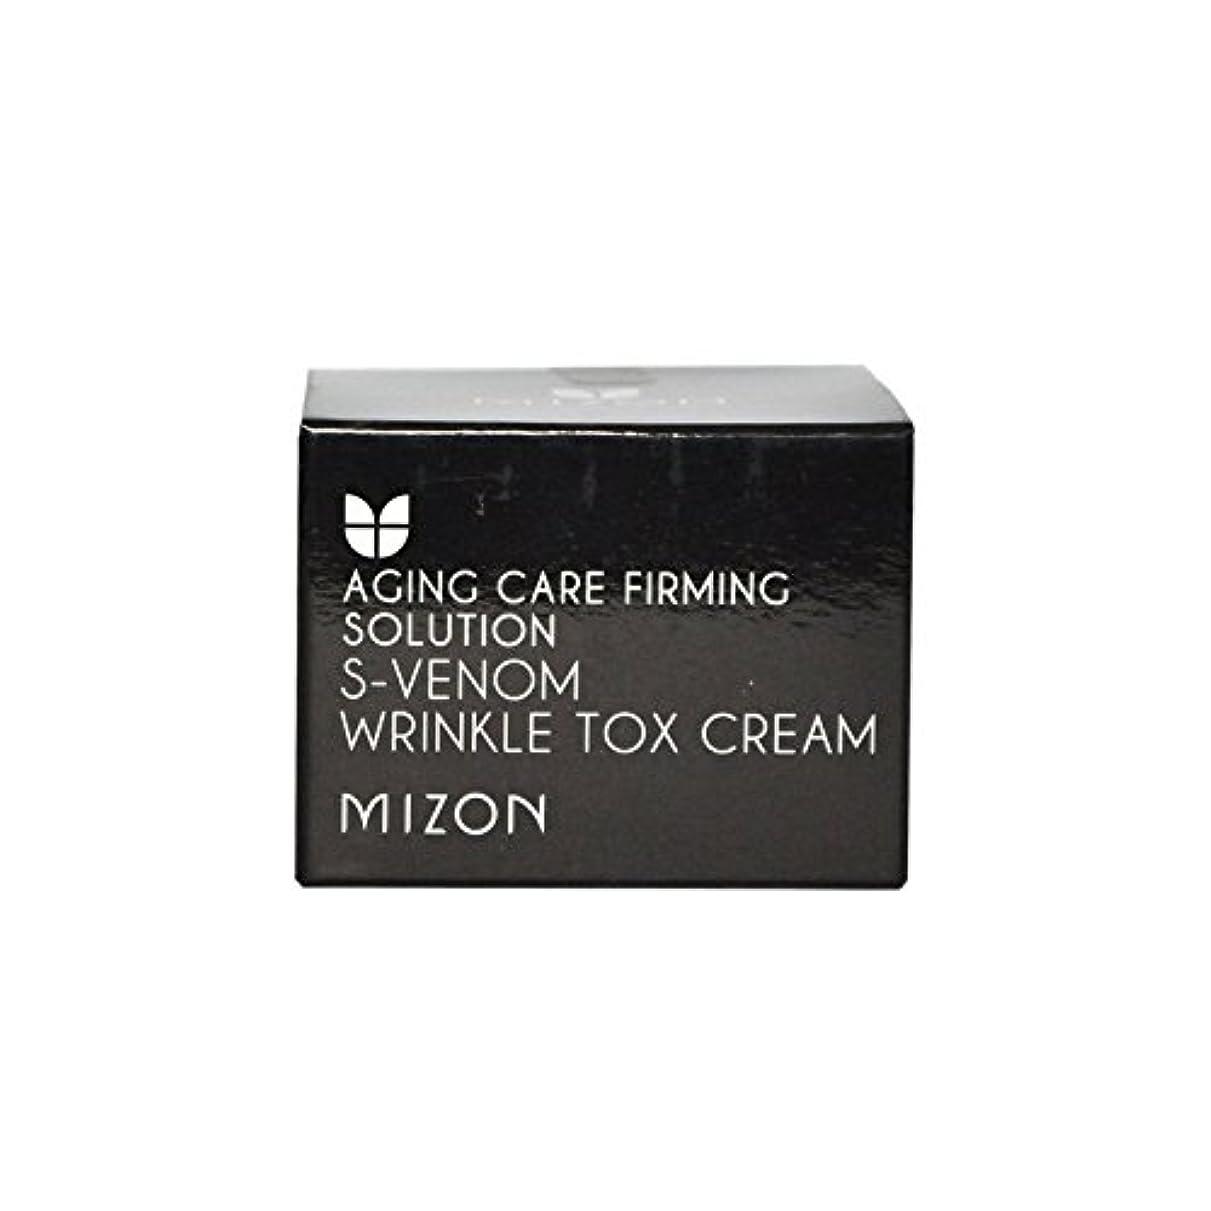 見分ける続ける複雑なの毒リンクルトックスクリーム x4 - Mizon S Venom Wrinkle Tox Cream (Pack of 4) [並行輸入品]